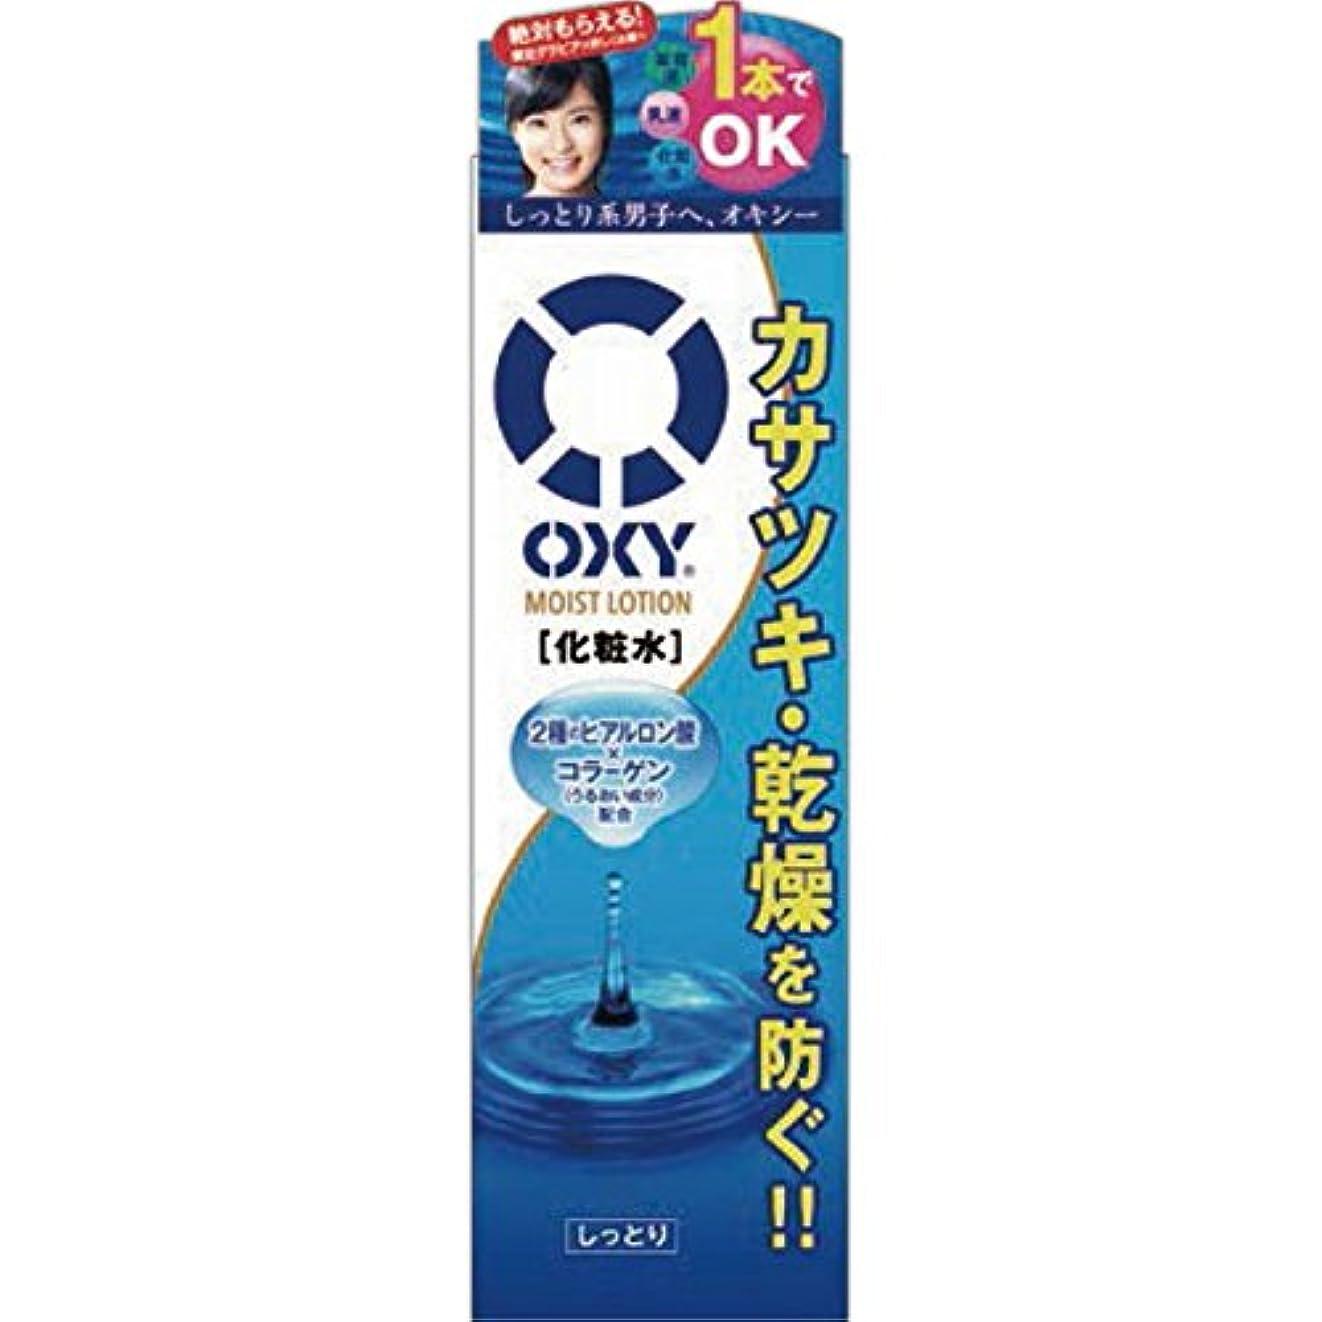 ジャングル振動させるからかうオキシー (Oxy) モイストローション オールインワン化粧水 2種のヒアルロン酸×コラーゲン配合 ゼラニウムの香 170mL